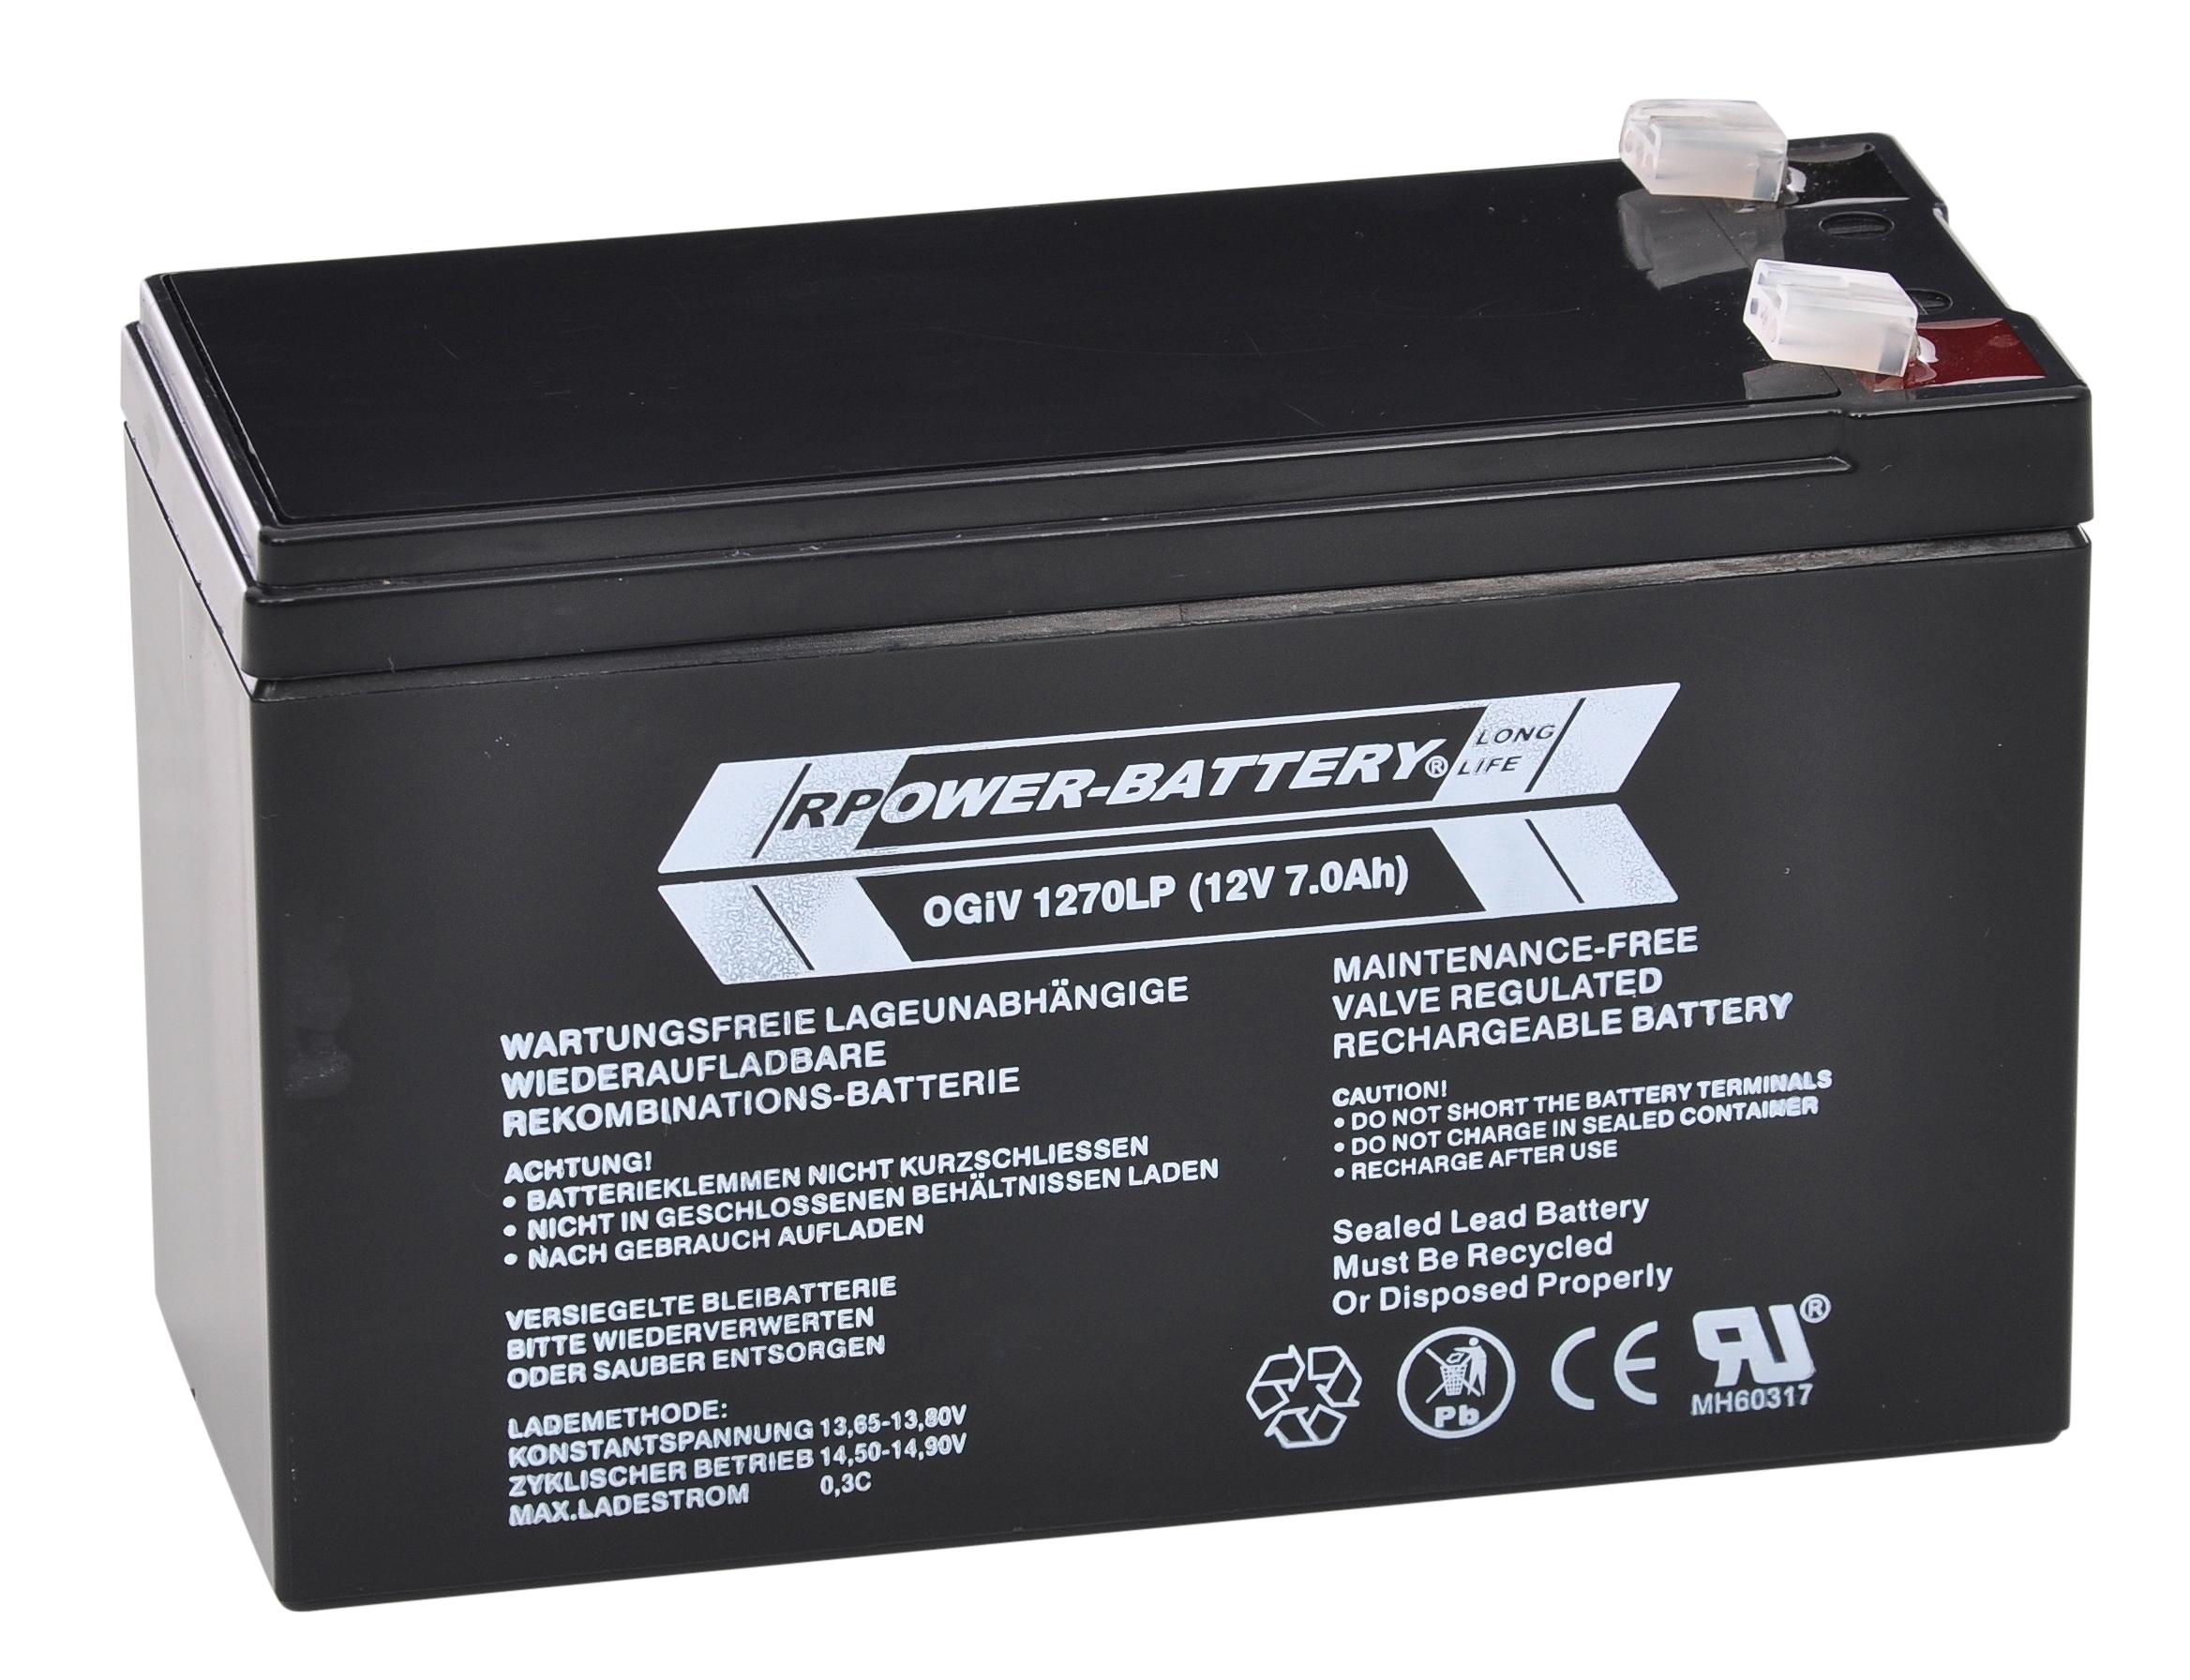 Batterie RPower OGiV longlife bis 12 Jahre 12V/7,0Ah (C20)